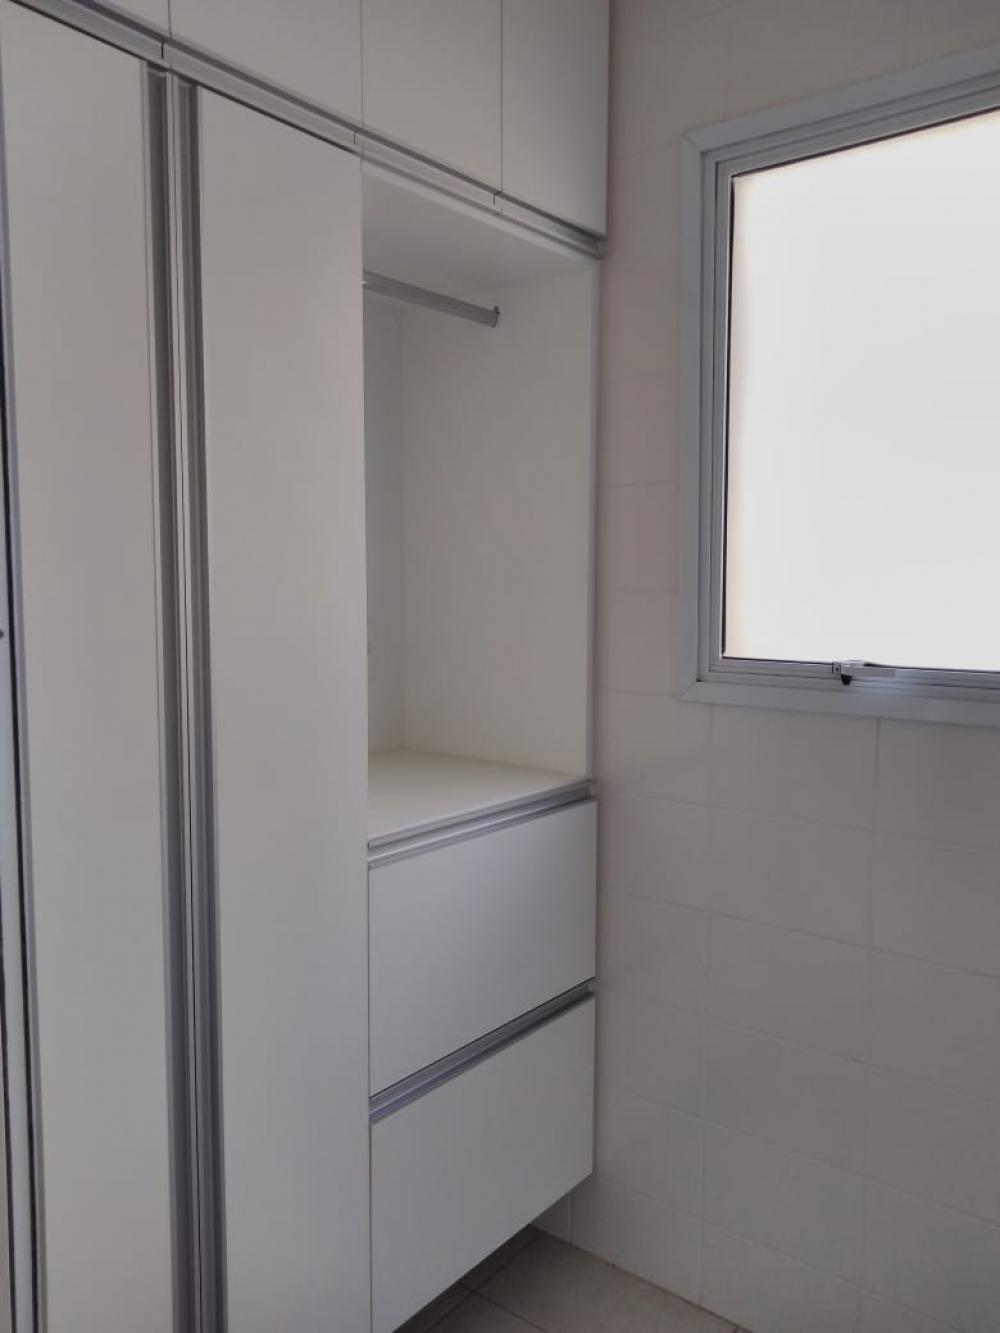 Alugar Apartamento / Padrão em Ribeirão Preto R$ 1.600,00 - Foto 9